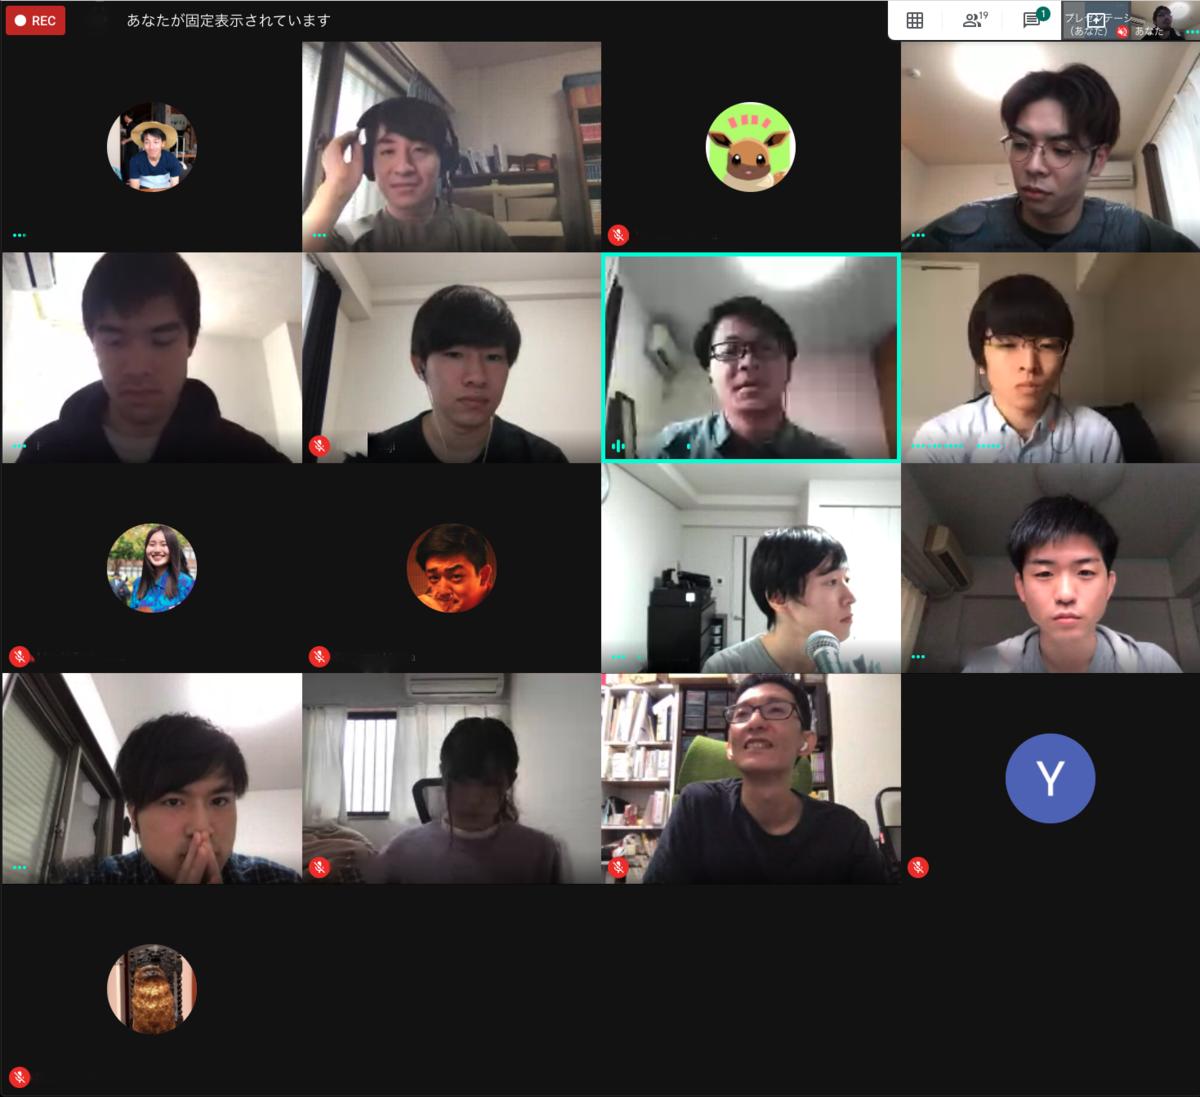 新卒メンバーとメンターと運営メンバーが Google Meets で顔合わせ